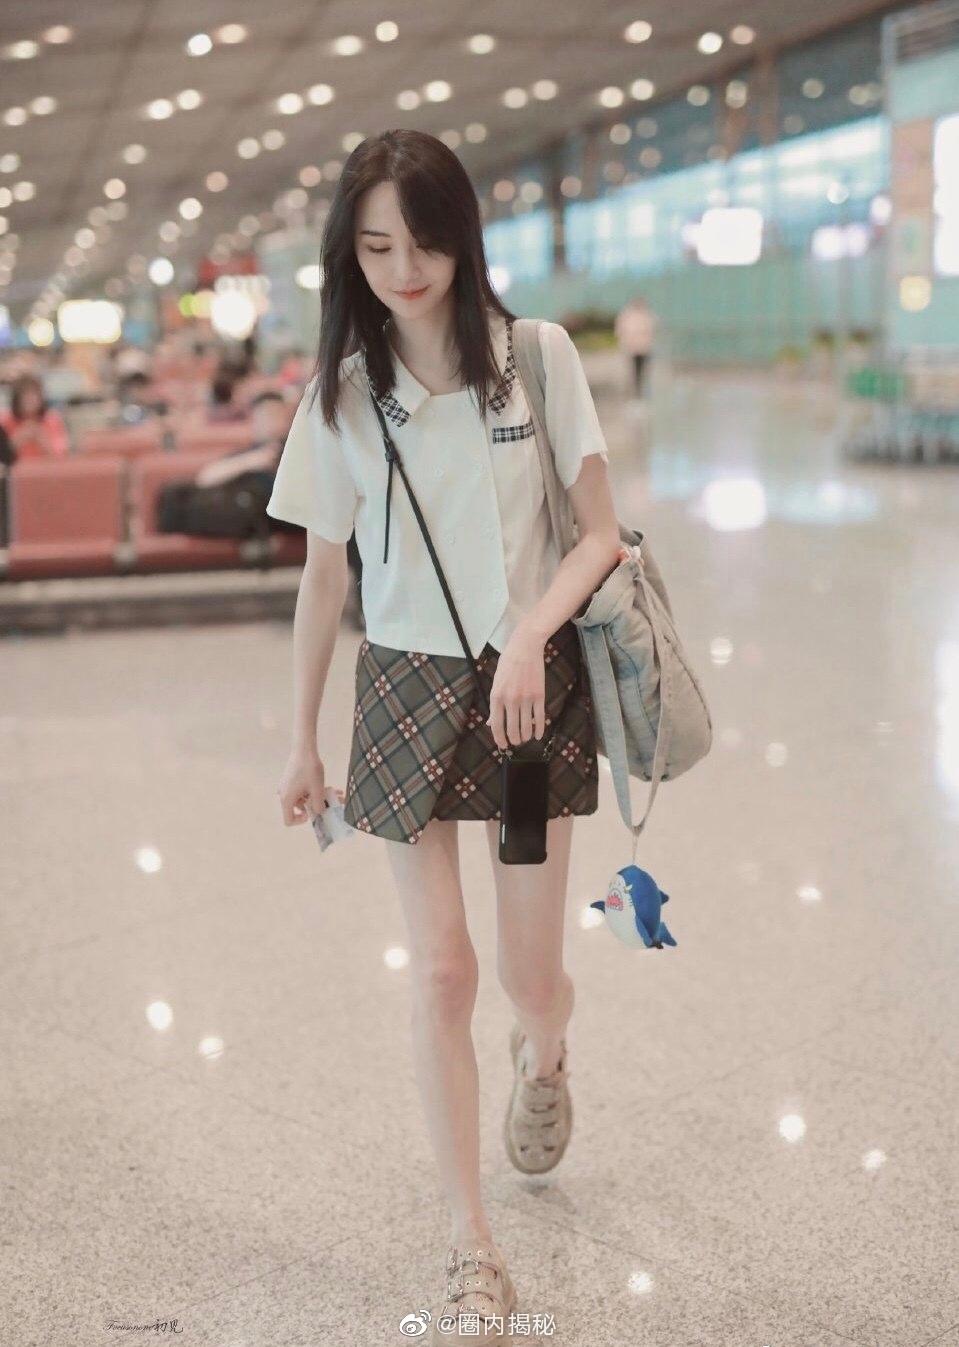 郑爽最新机场图,感情稳定的爽妹子私服都是以短裙示人